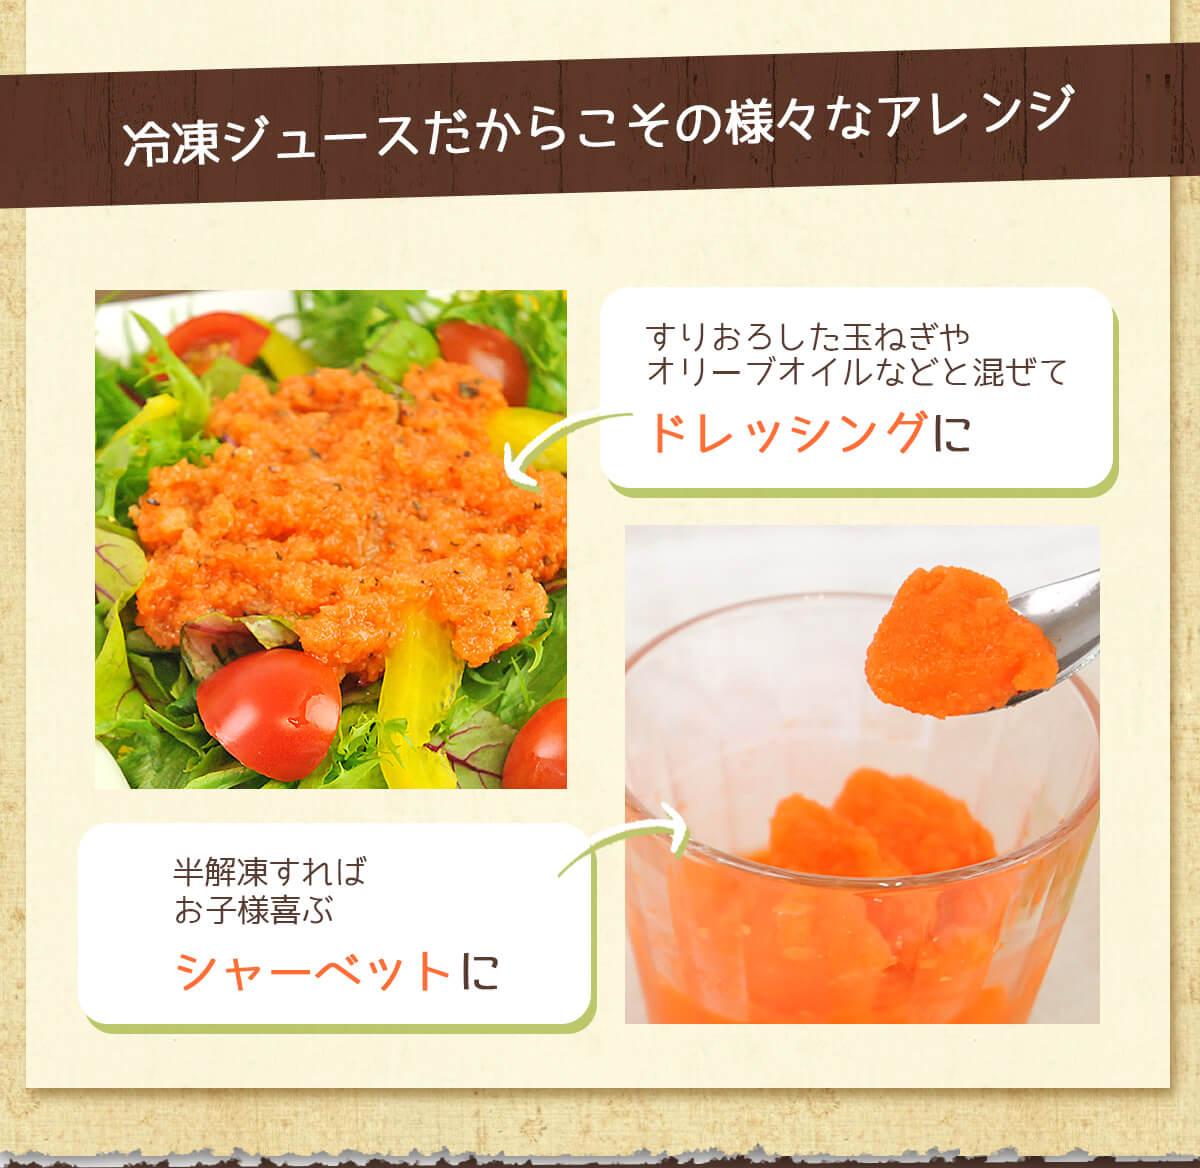 冷凍ジュースだからこその様々なアレンジ